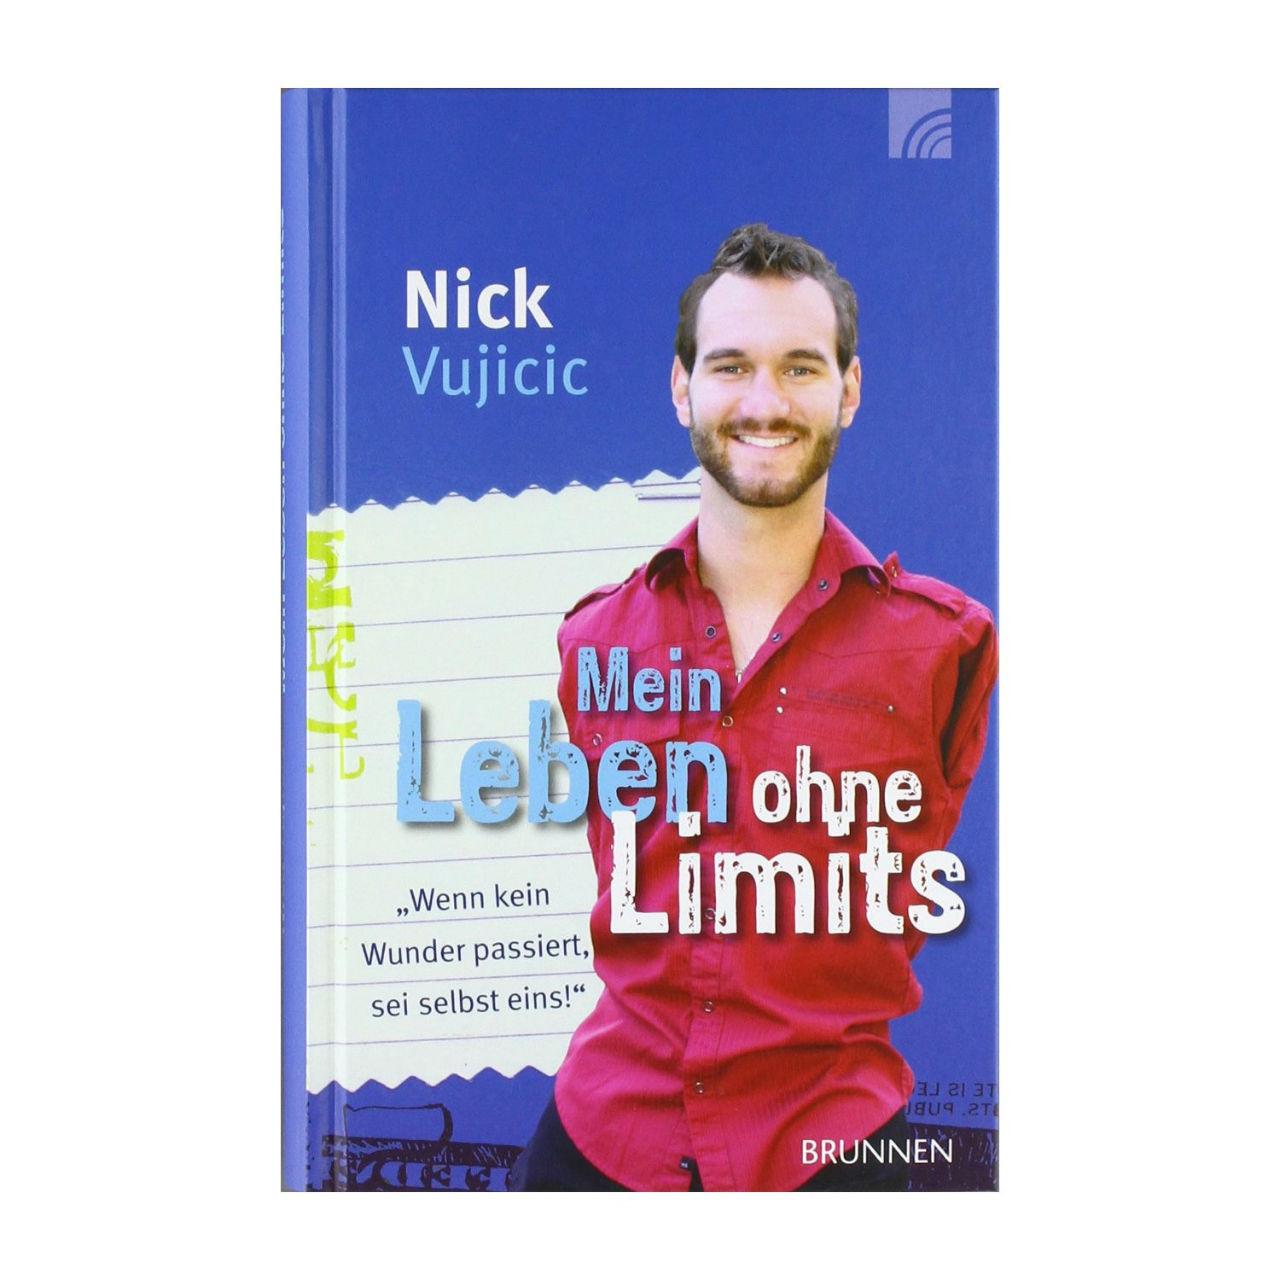 Mein Leben ohne Limits: Wenn kein Wunder passiert, sei selbst eins!